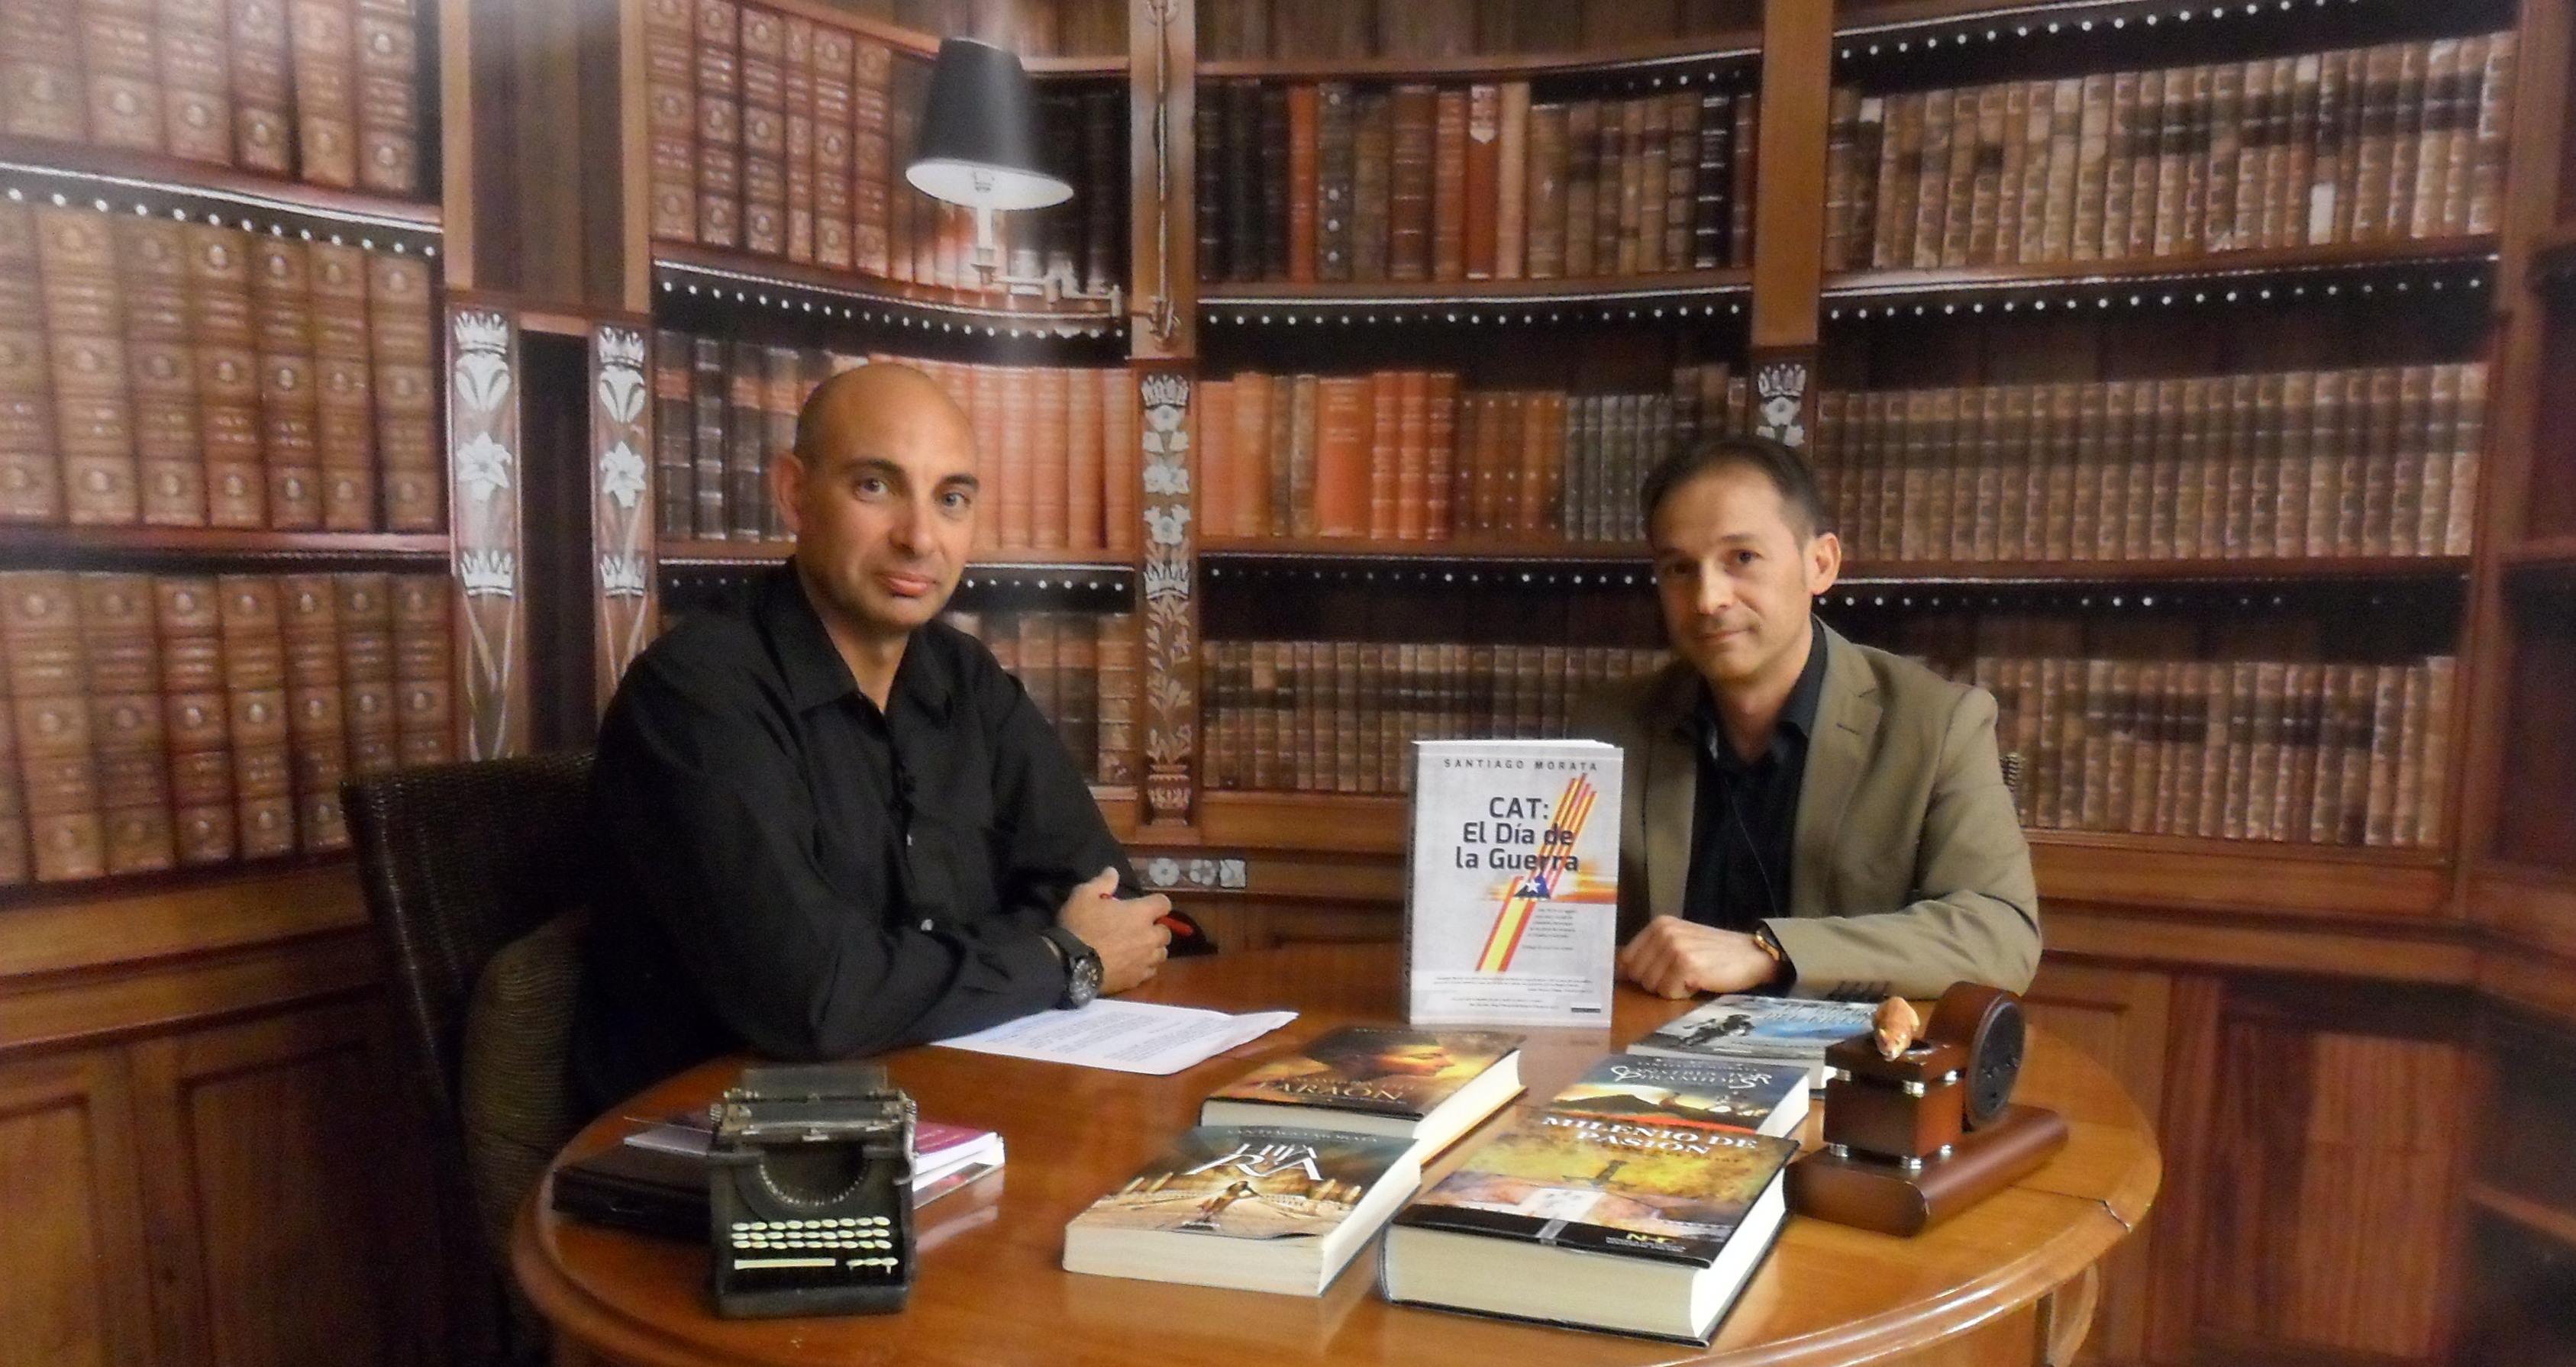 Santiago Morata, entrevistado por Raúl Tristán en 'El Lobo Estepario'